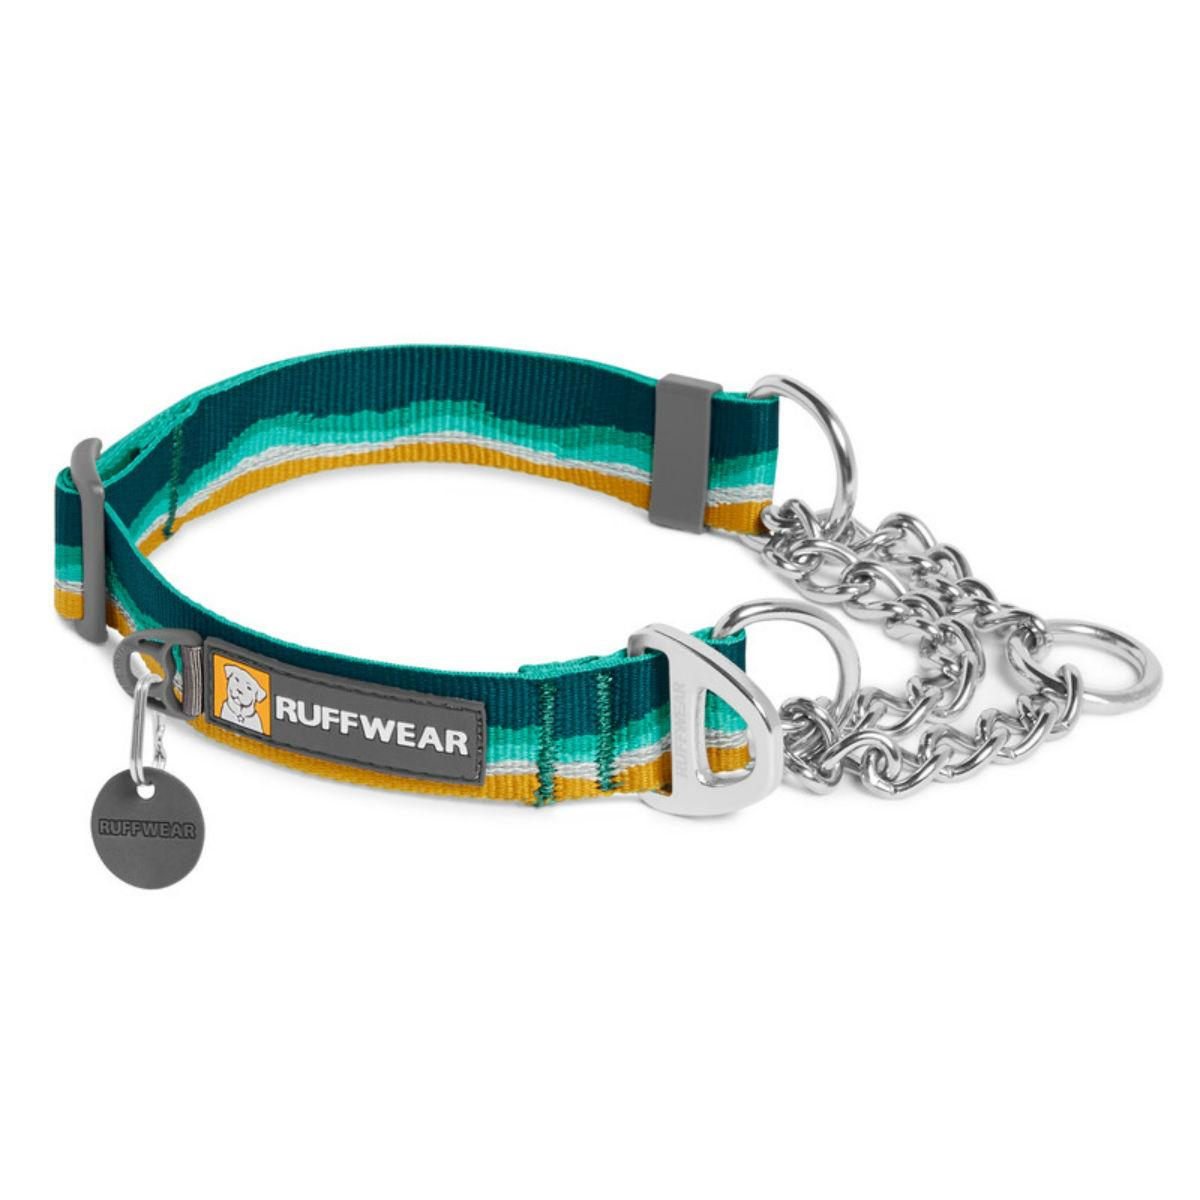 Chain Reaction Dog Collar by RuffWear - Seafoam